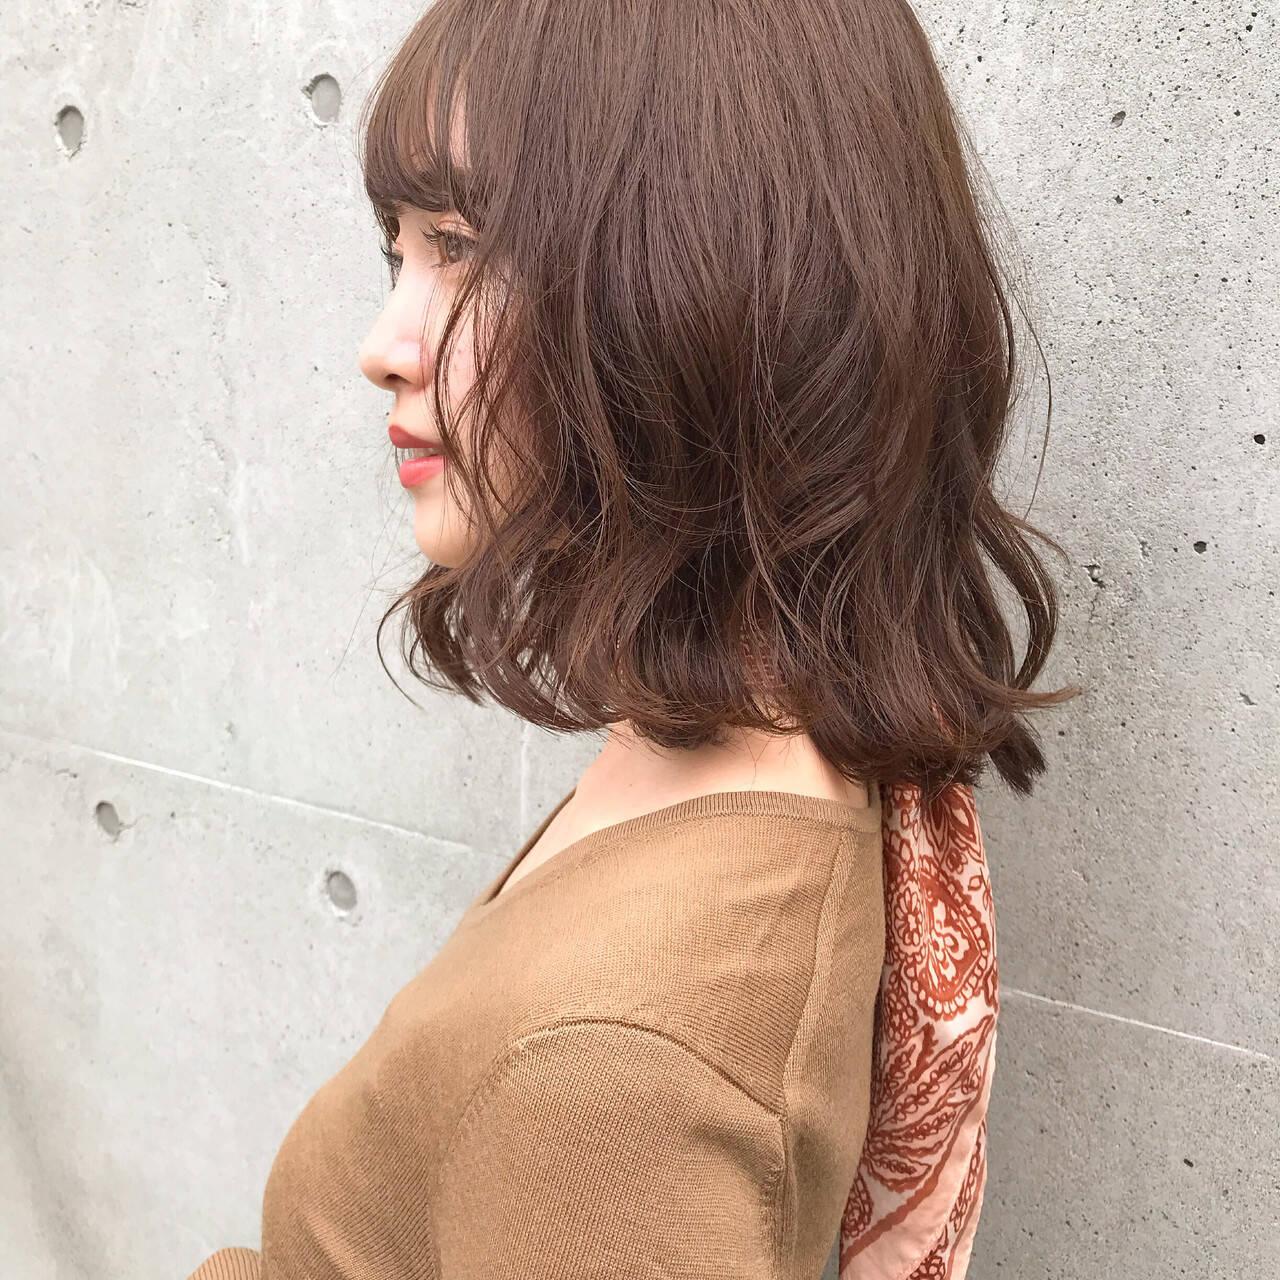 アンニュイほつれヘア ナチュラル デート 大人かわいいヘアスタイルや髪型の写真・画像